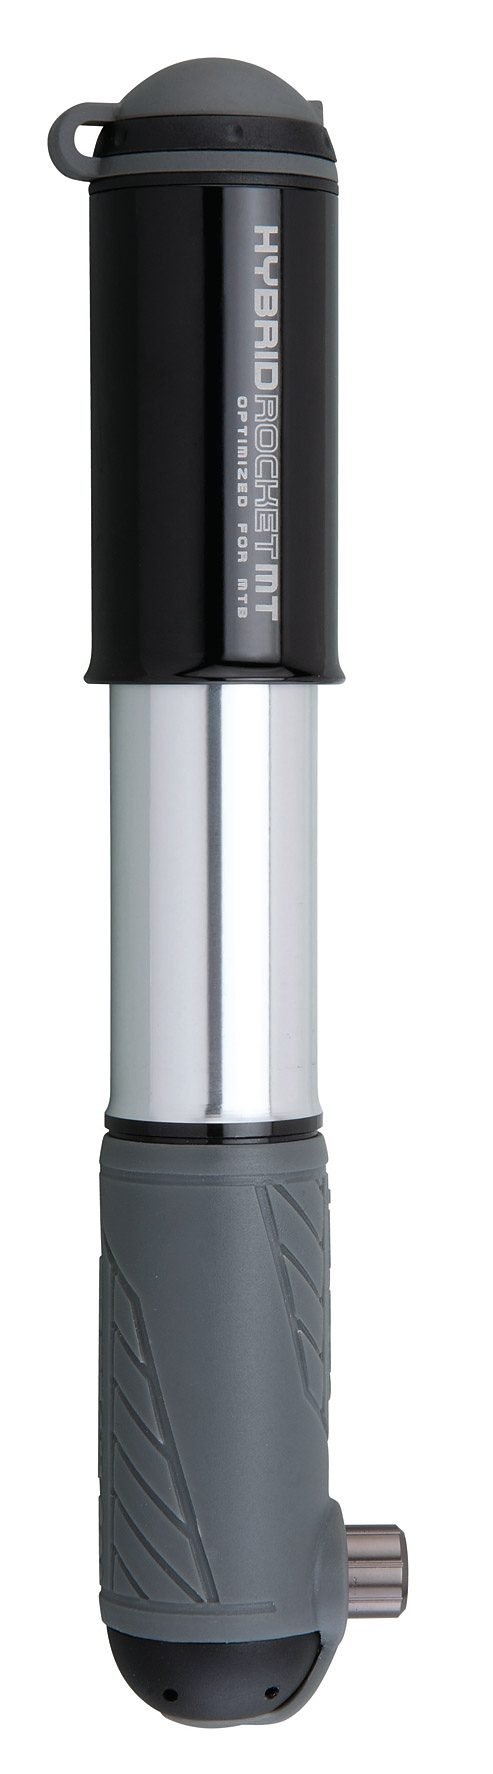 Topeak Fahrradpumpe »Hybrid Rocket MT«